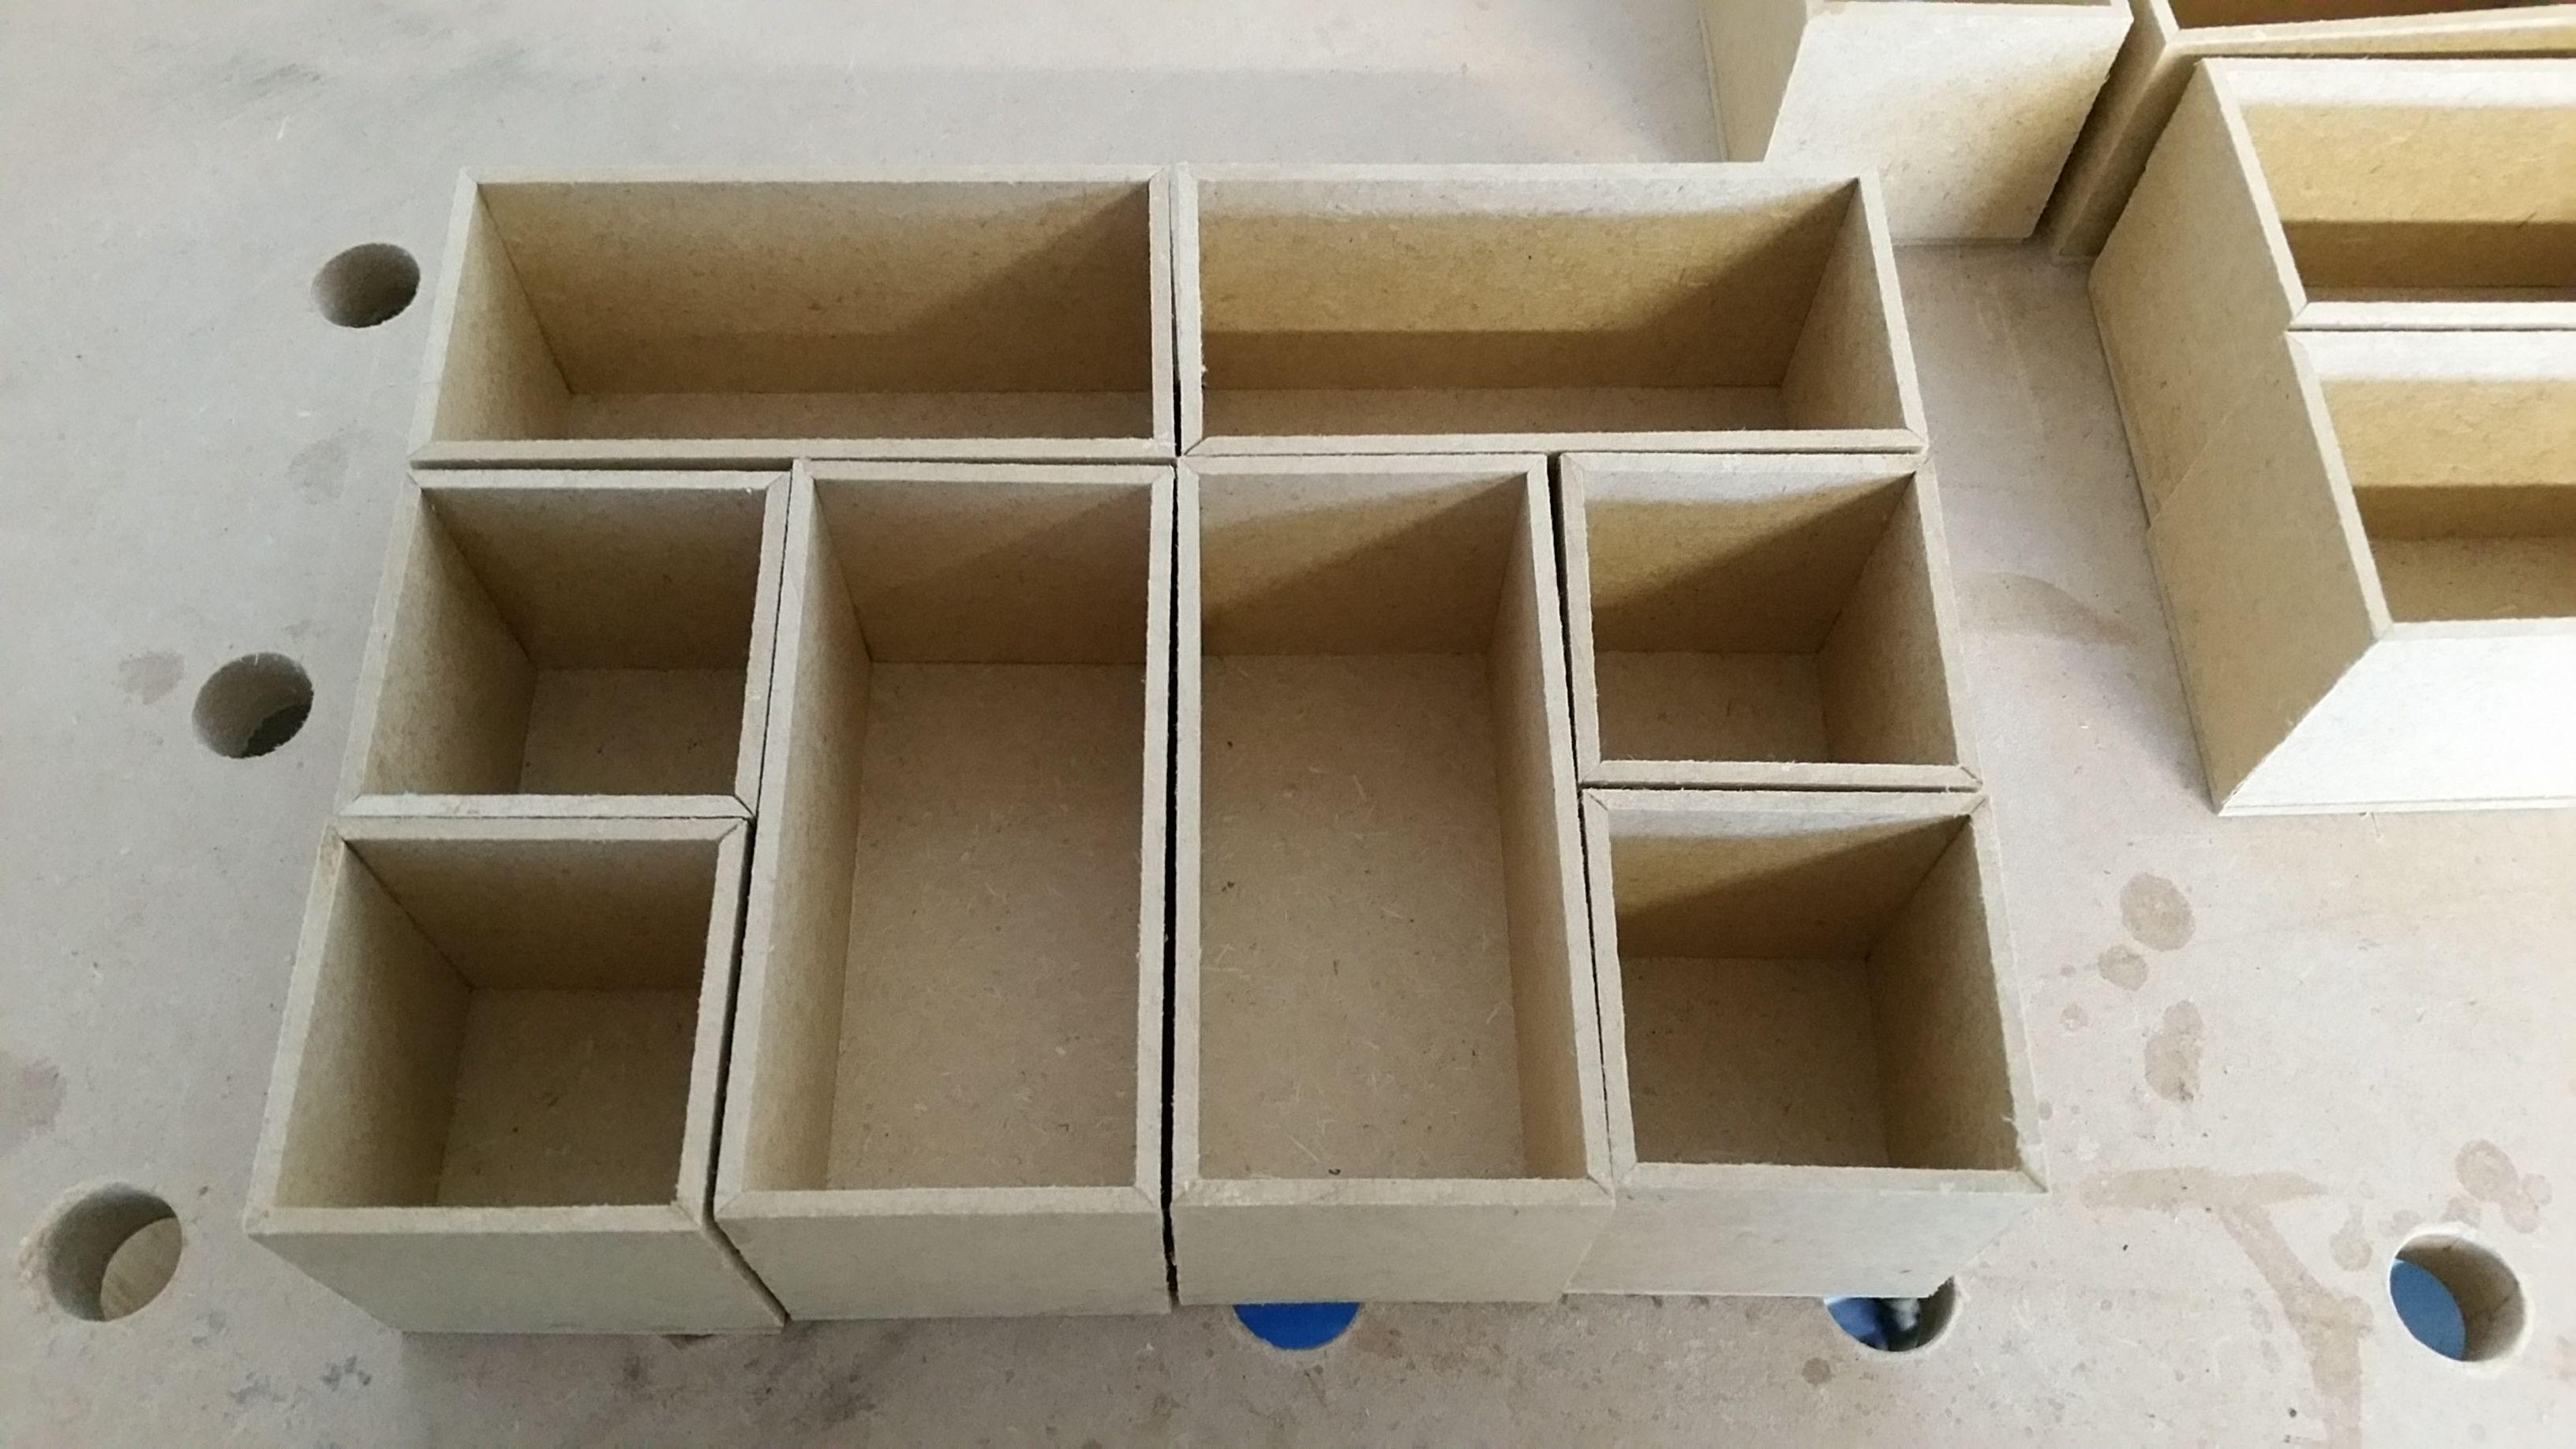 einsatzboxen schubladeneinteilung bauanleitung zum selber bauen werkstatt pinterest. Black Bedroom Furniture Sets. Home Design Ideas